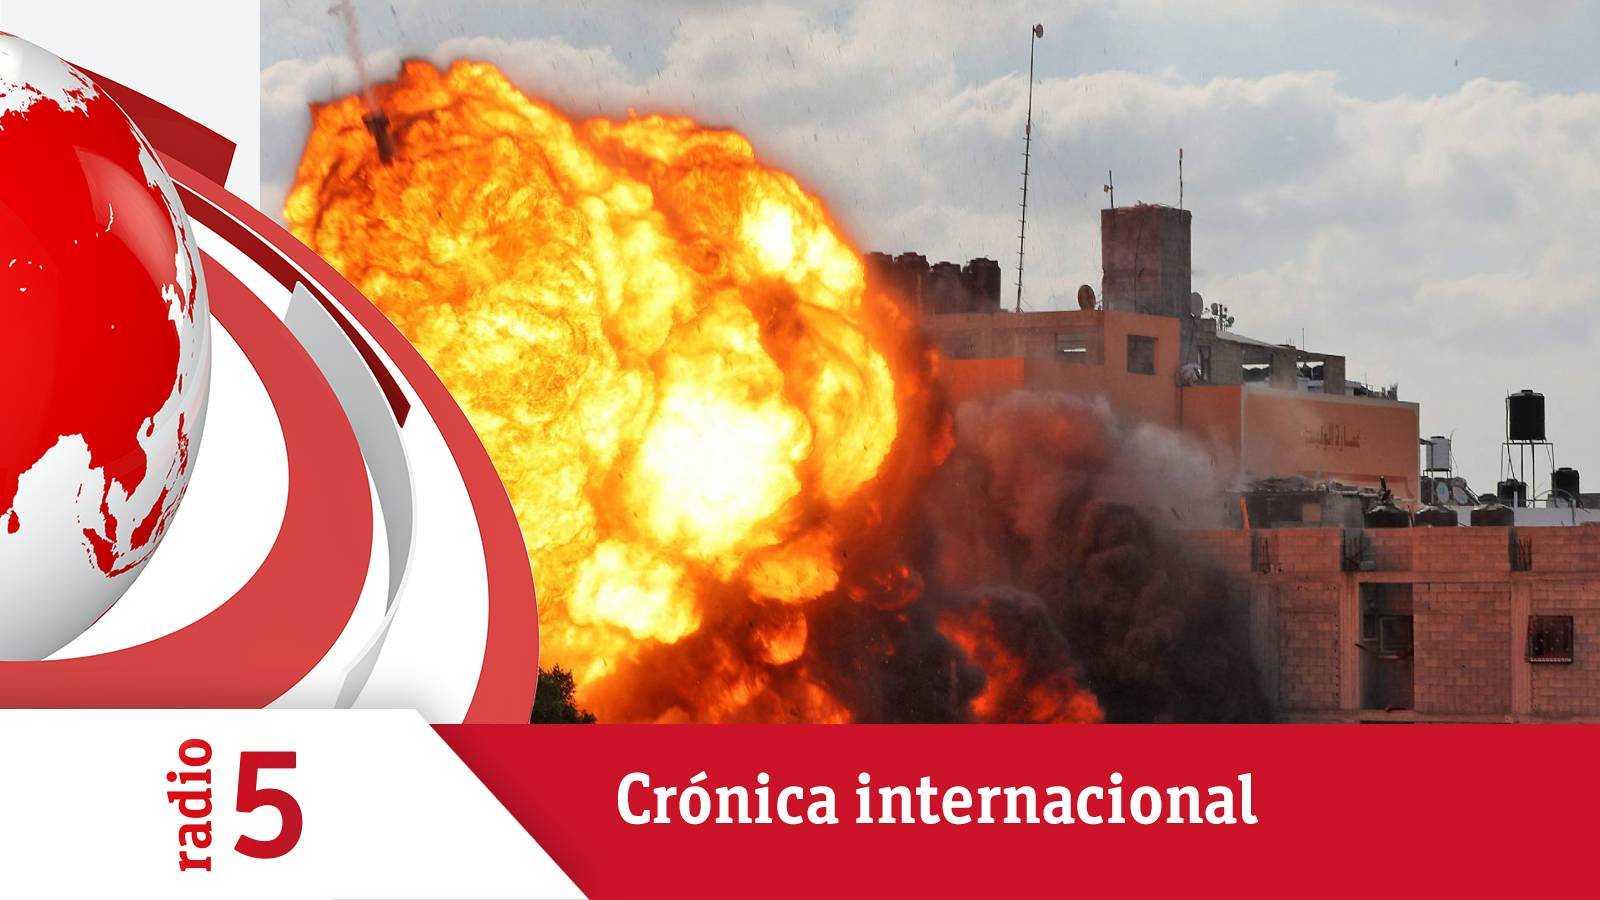 Crónica internacional - Sigue la escalada bélica entre Israel y Hamás - Escuchar ahora